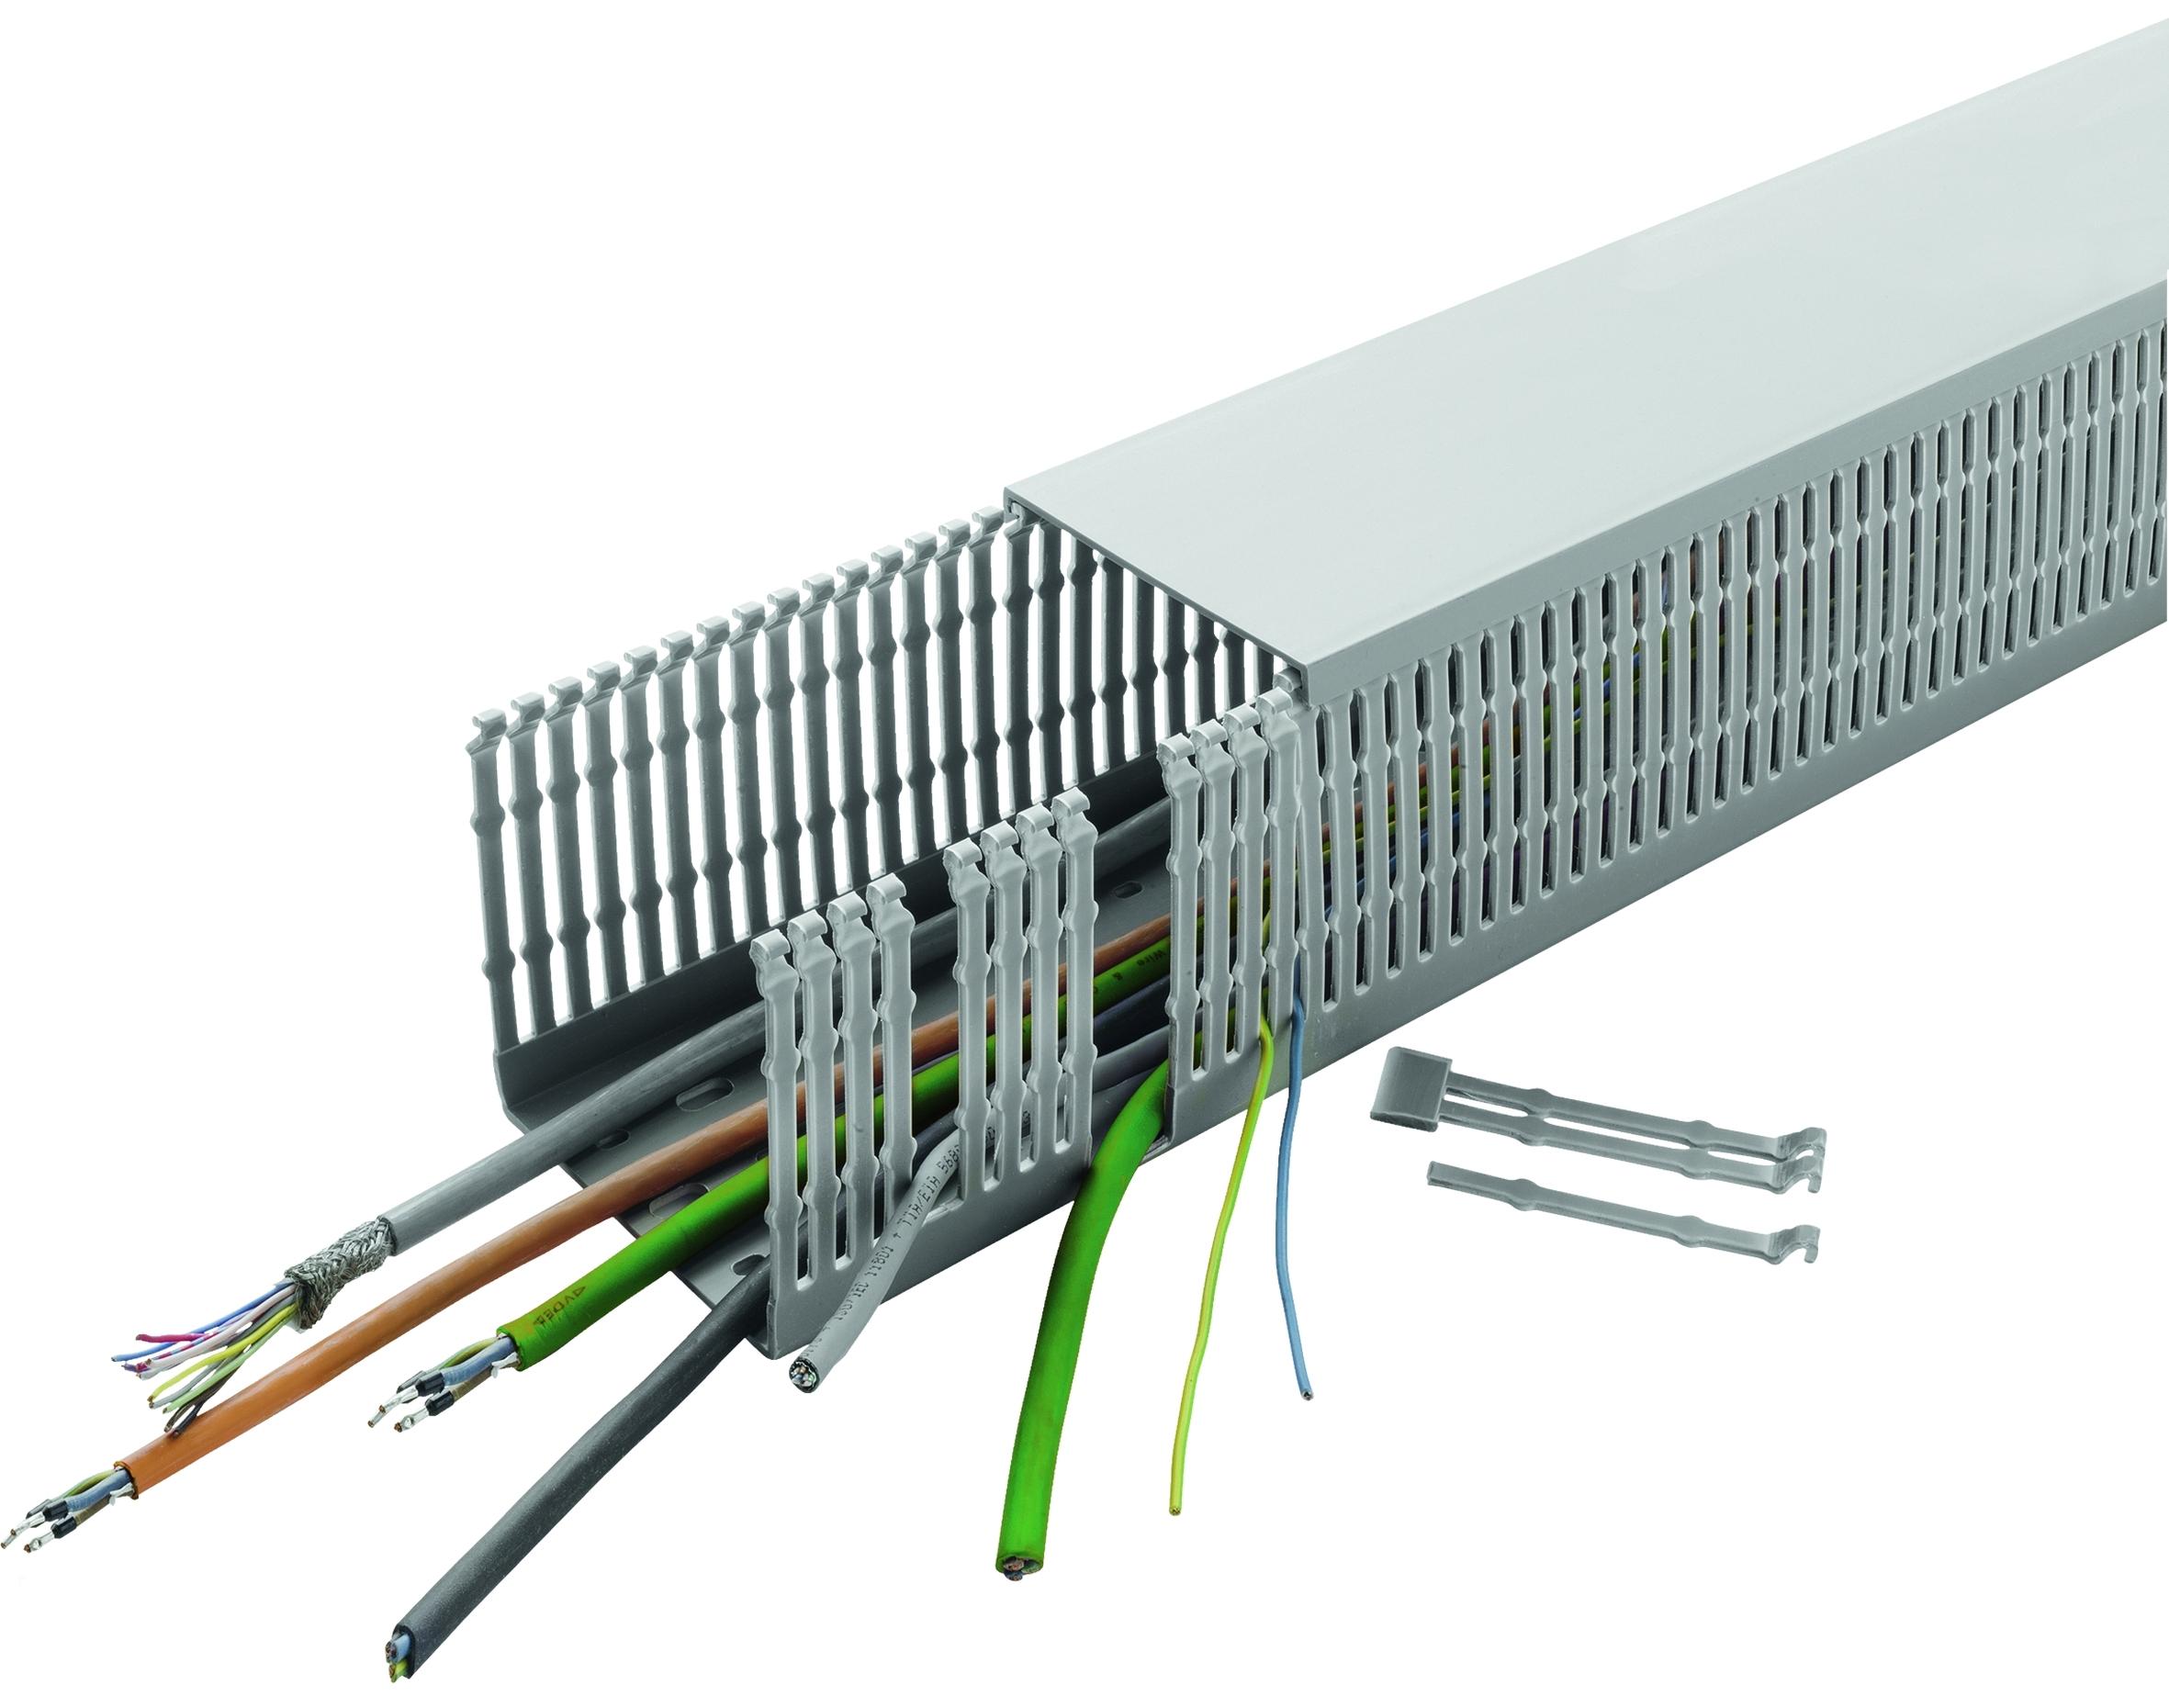 Hohe Formstabilität, einfache Konfektionierung: UL- und VDE-zertifizierte Verdrahtungskanäle von Conta-Clip